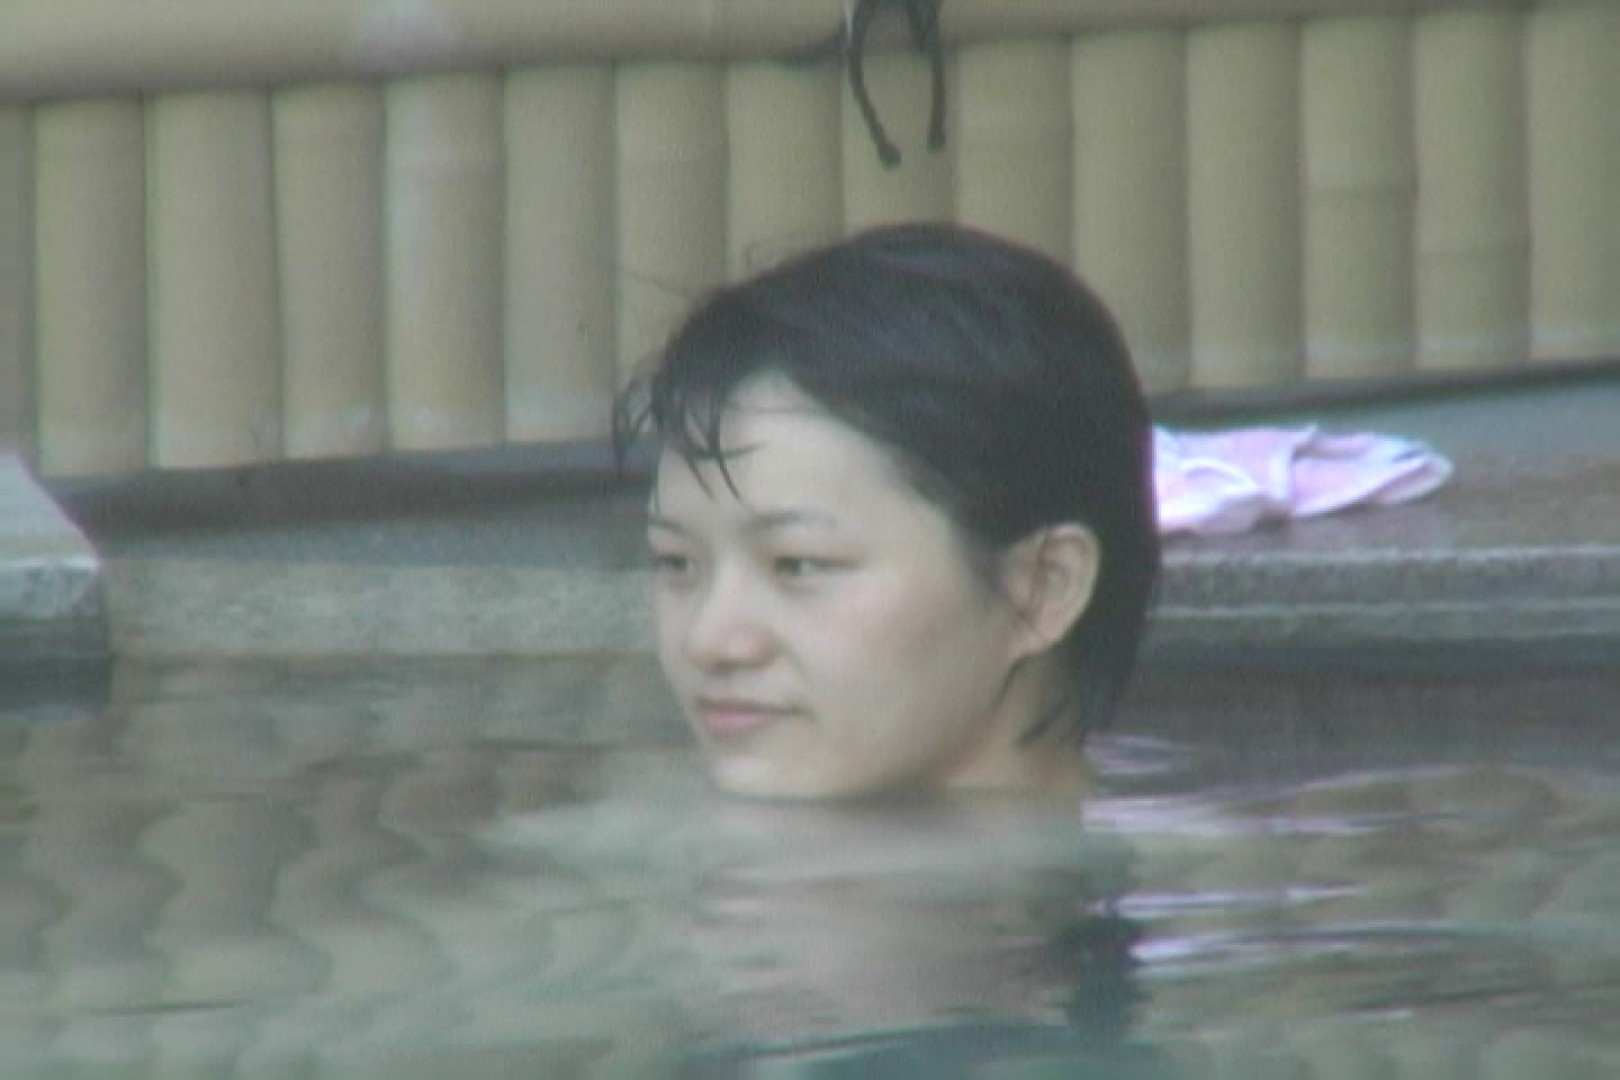 Aquaな露天風呂Vol.116 OL  54pic 34